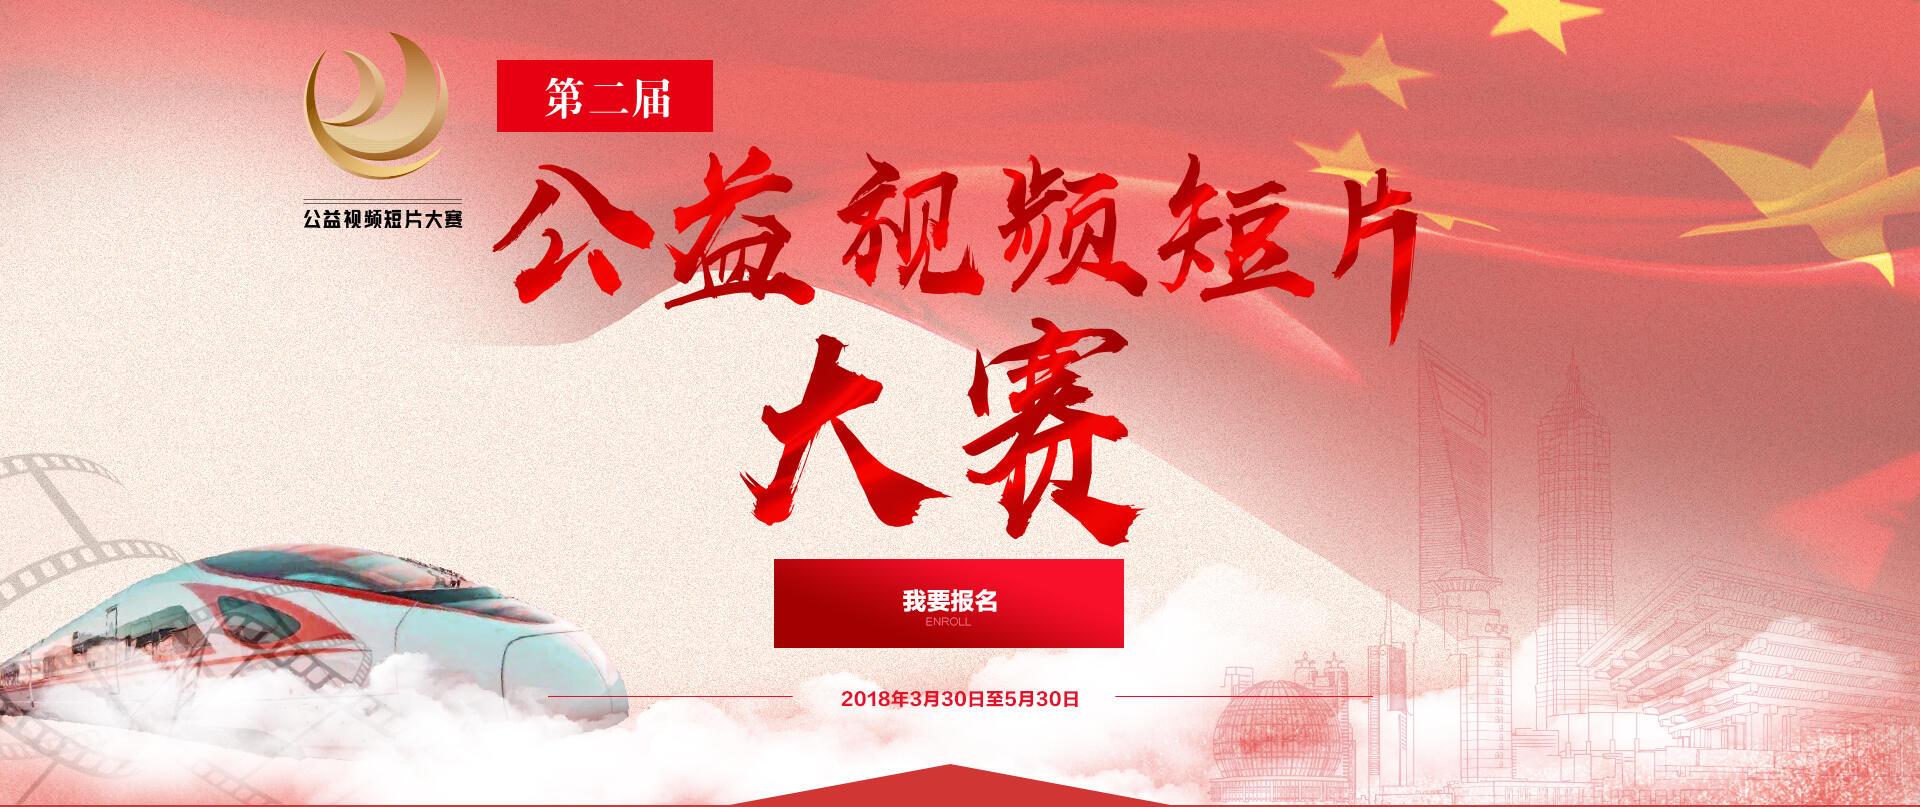 中国·浙江首届公益视频短片大赛